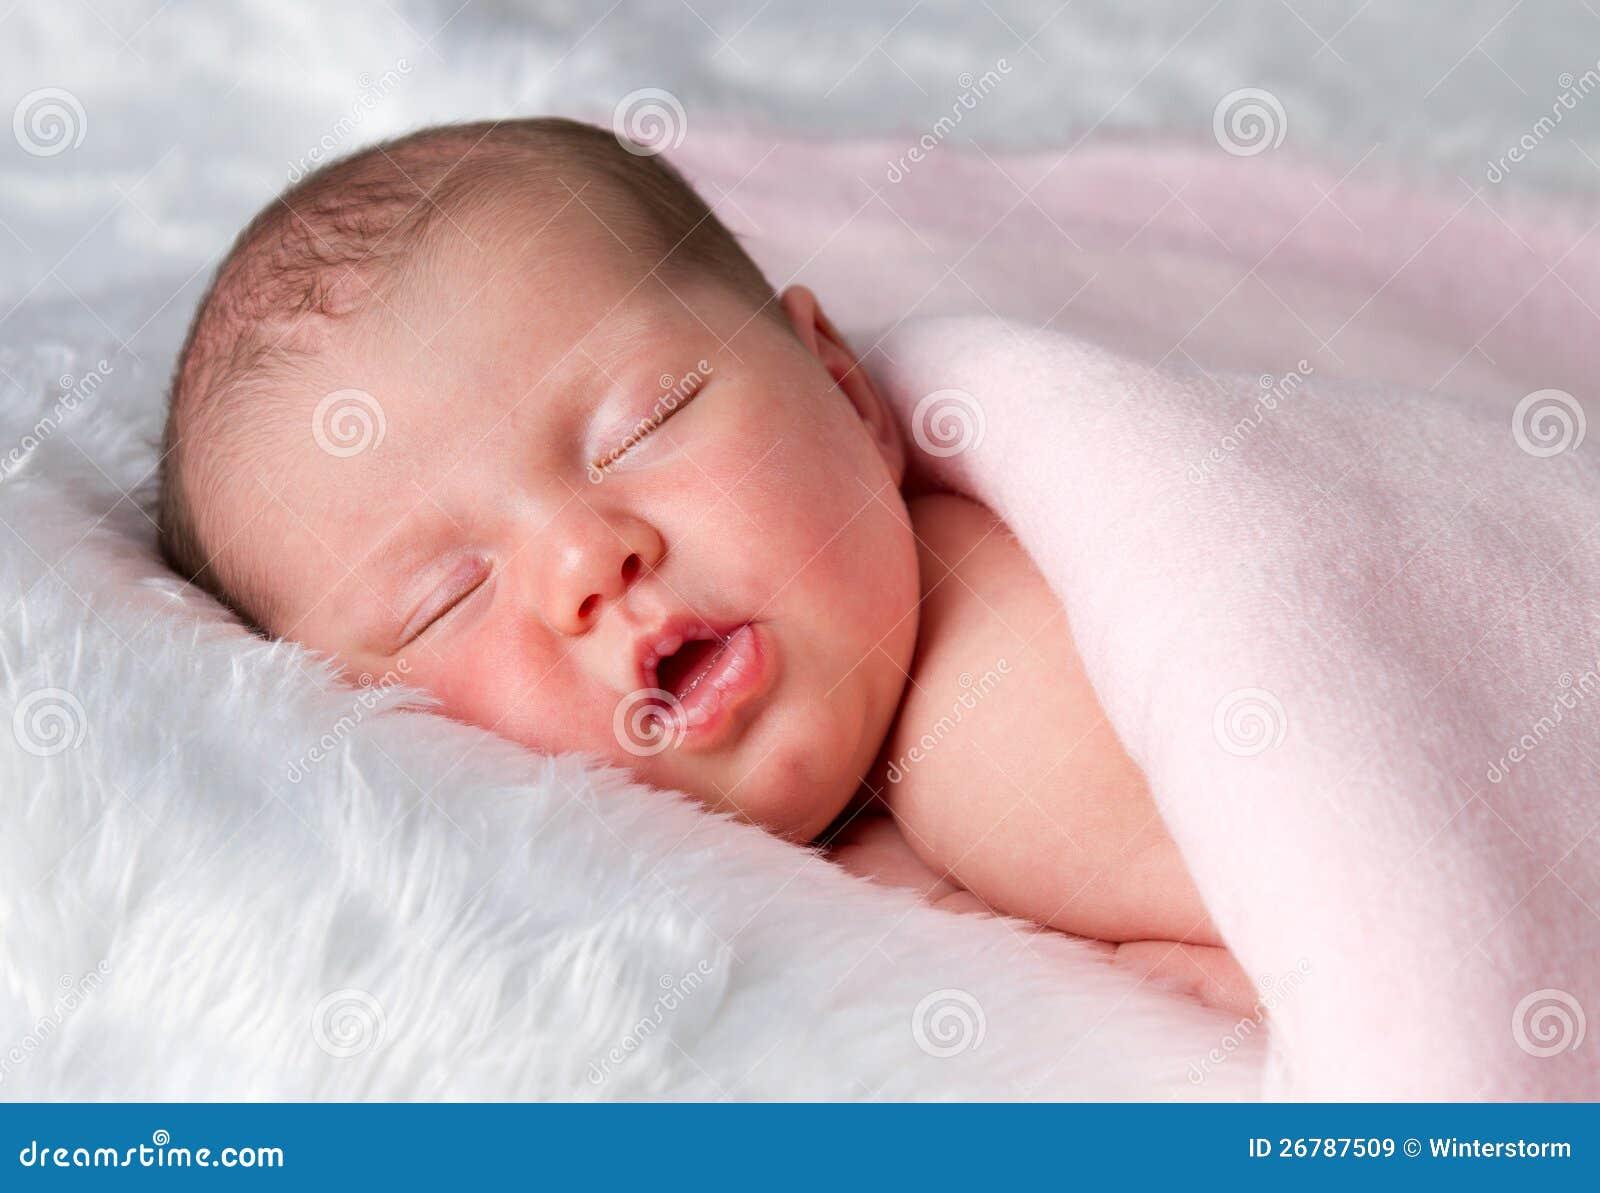 Cute Newborn Baby Boy Sha excelsiororg